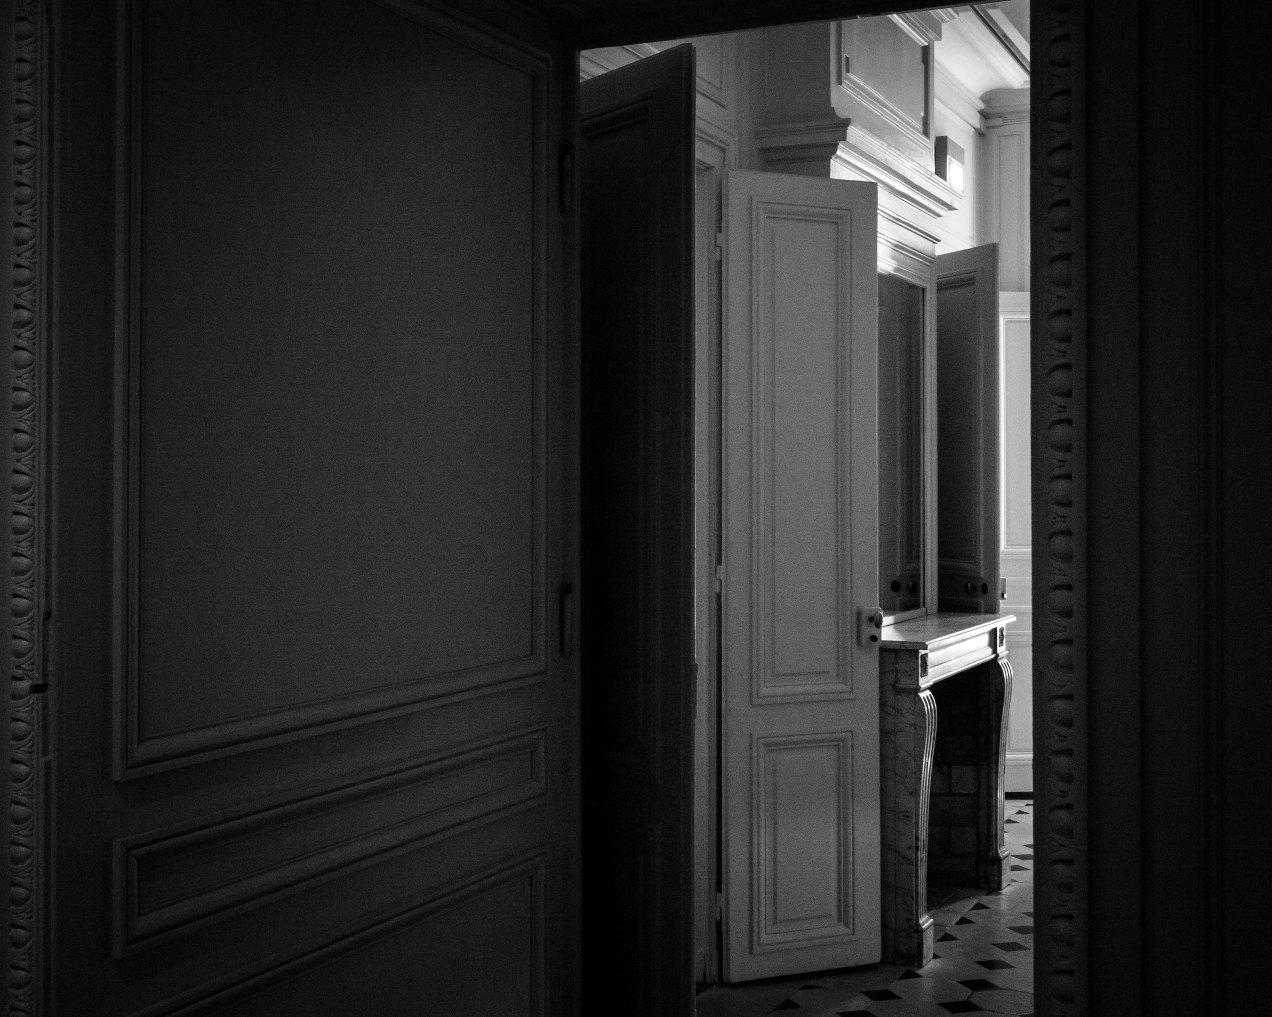 jeu de portes,Monnaie de Paris, gildalliere, 2018-Modifier.jpg